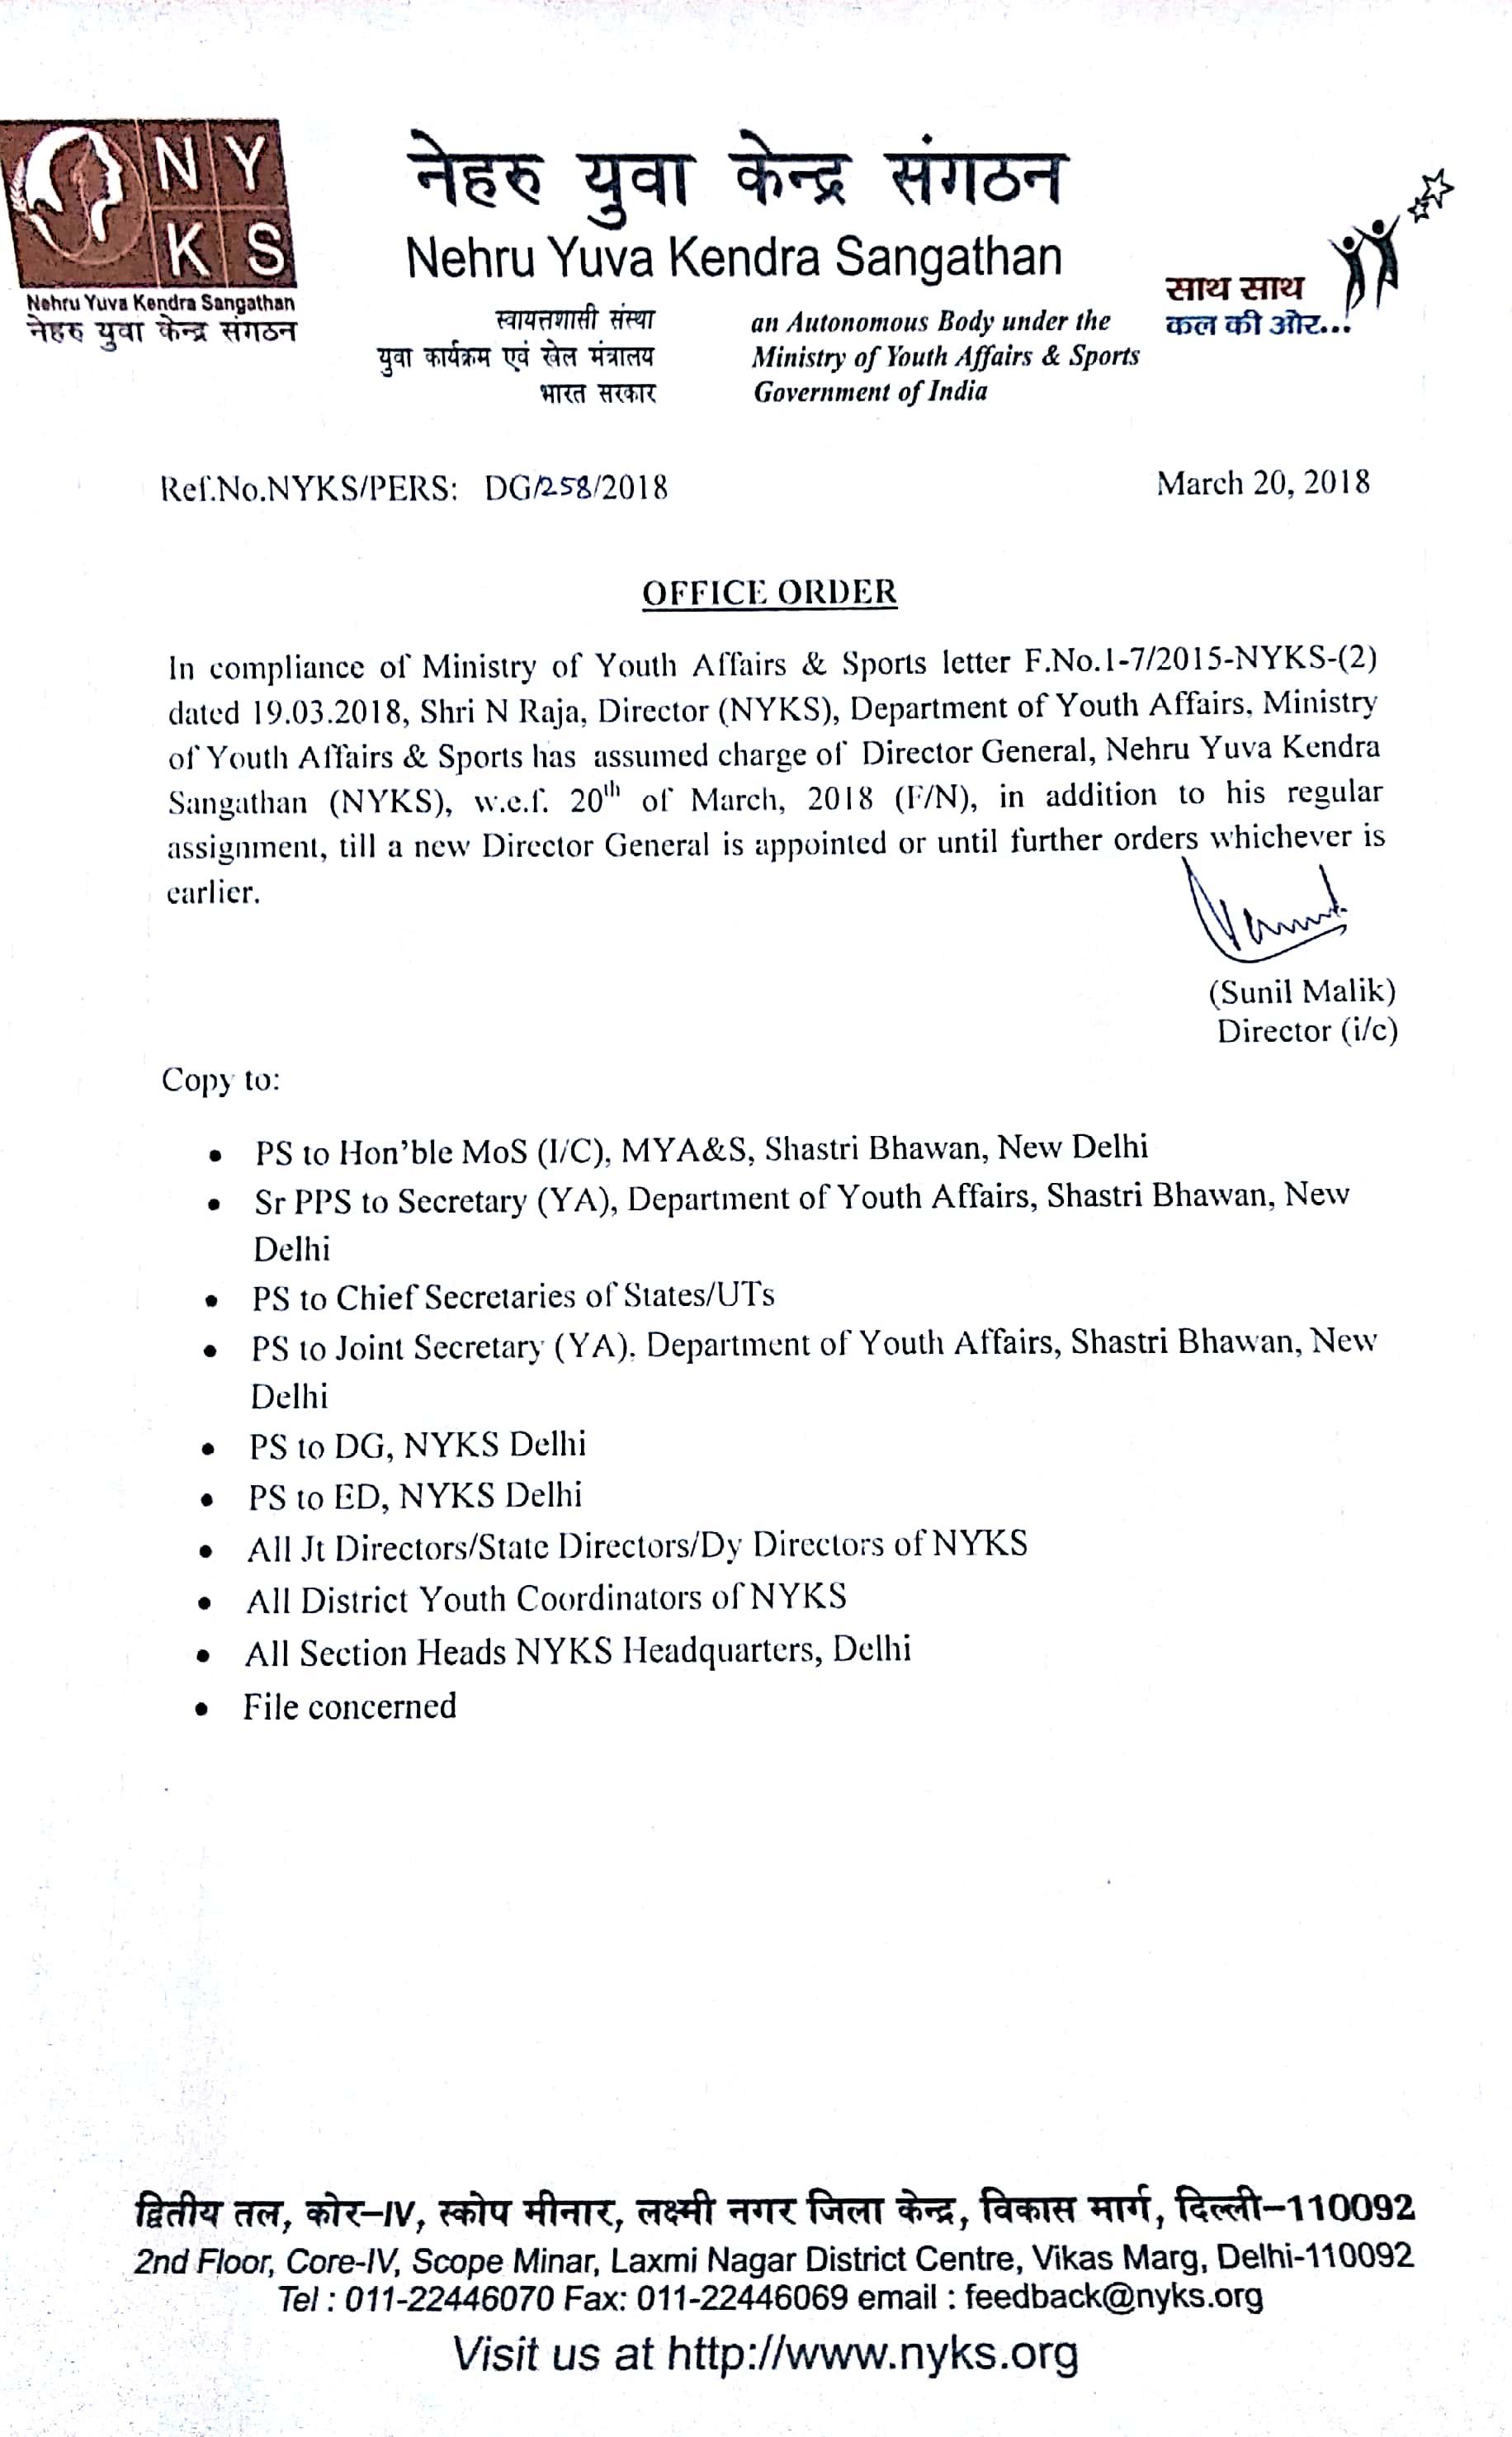 Nehru Yuva Kendra Sangathan